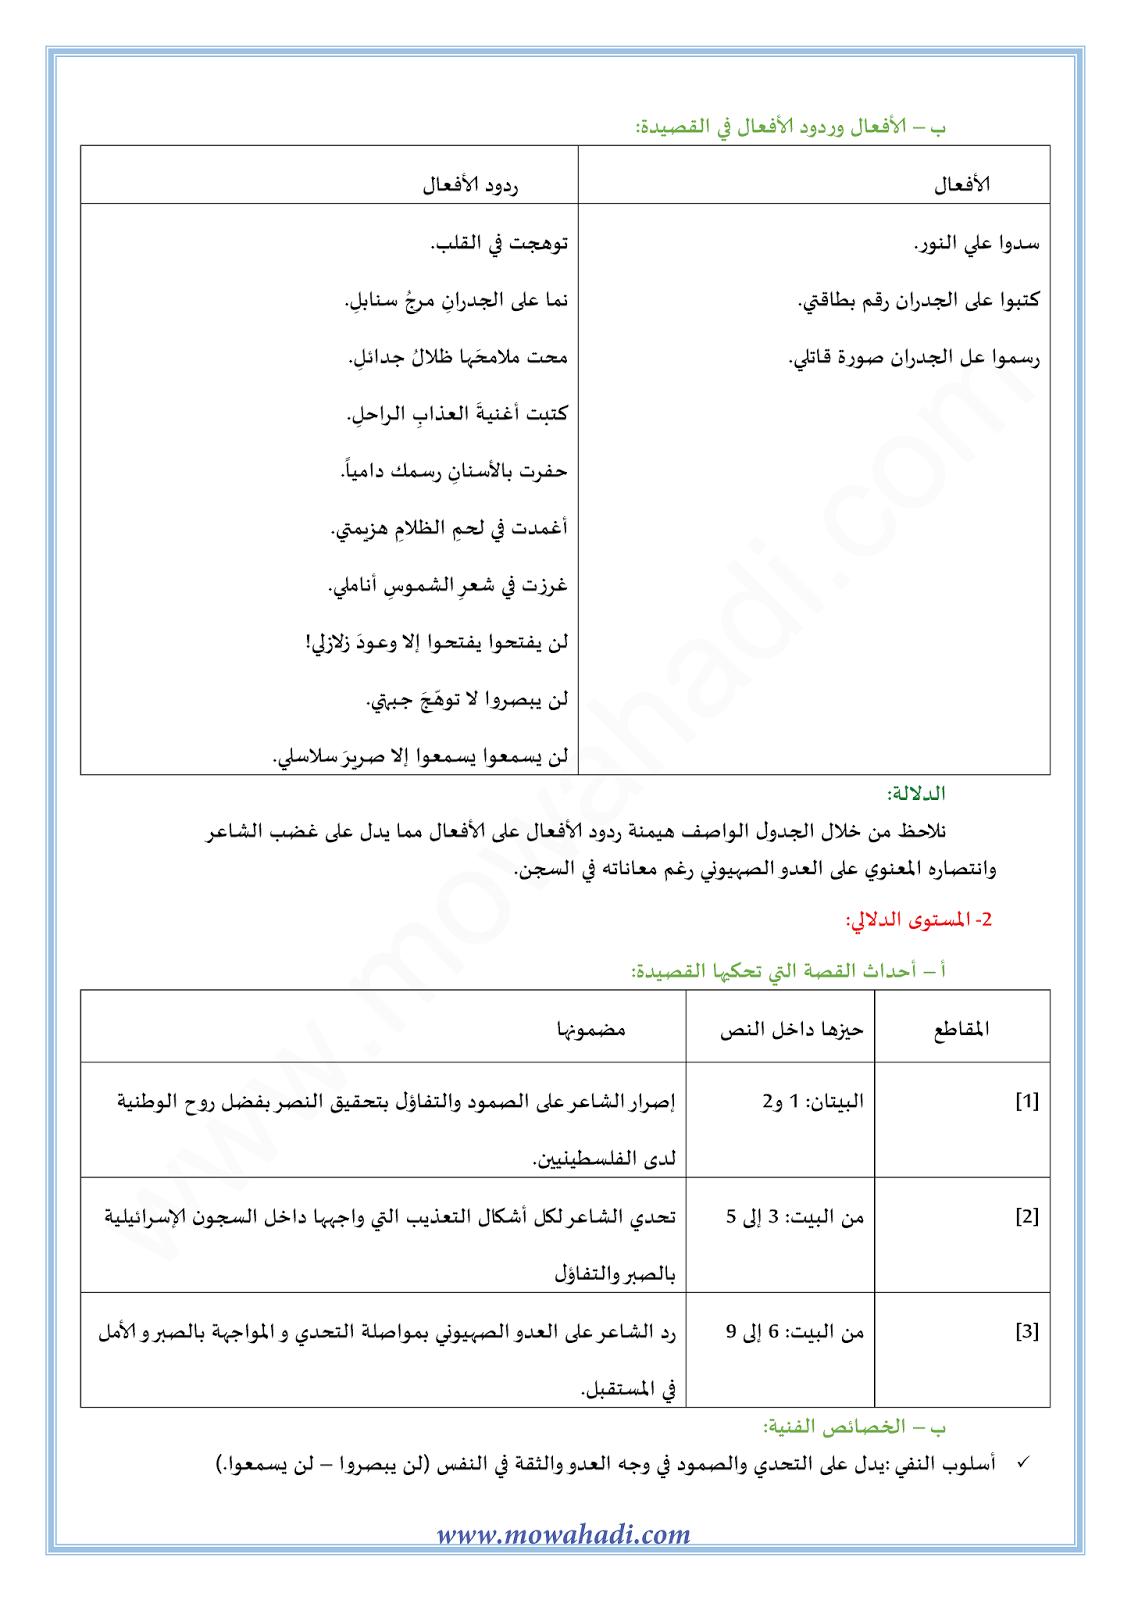 إشعاع الحضارة المغربية2